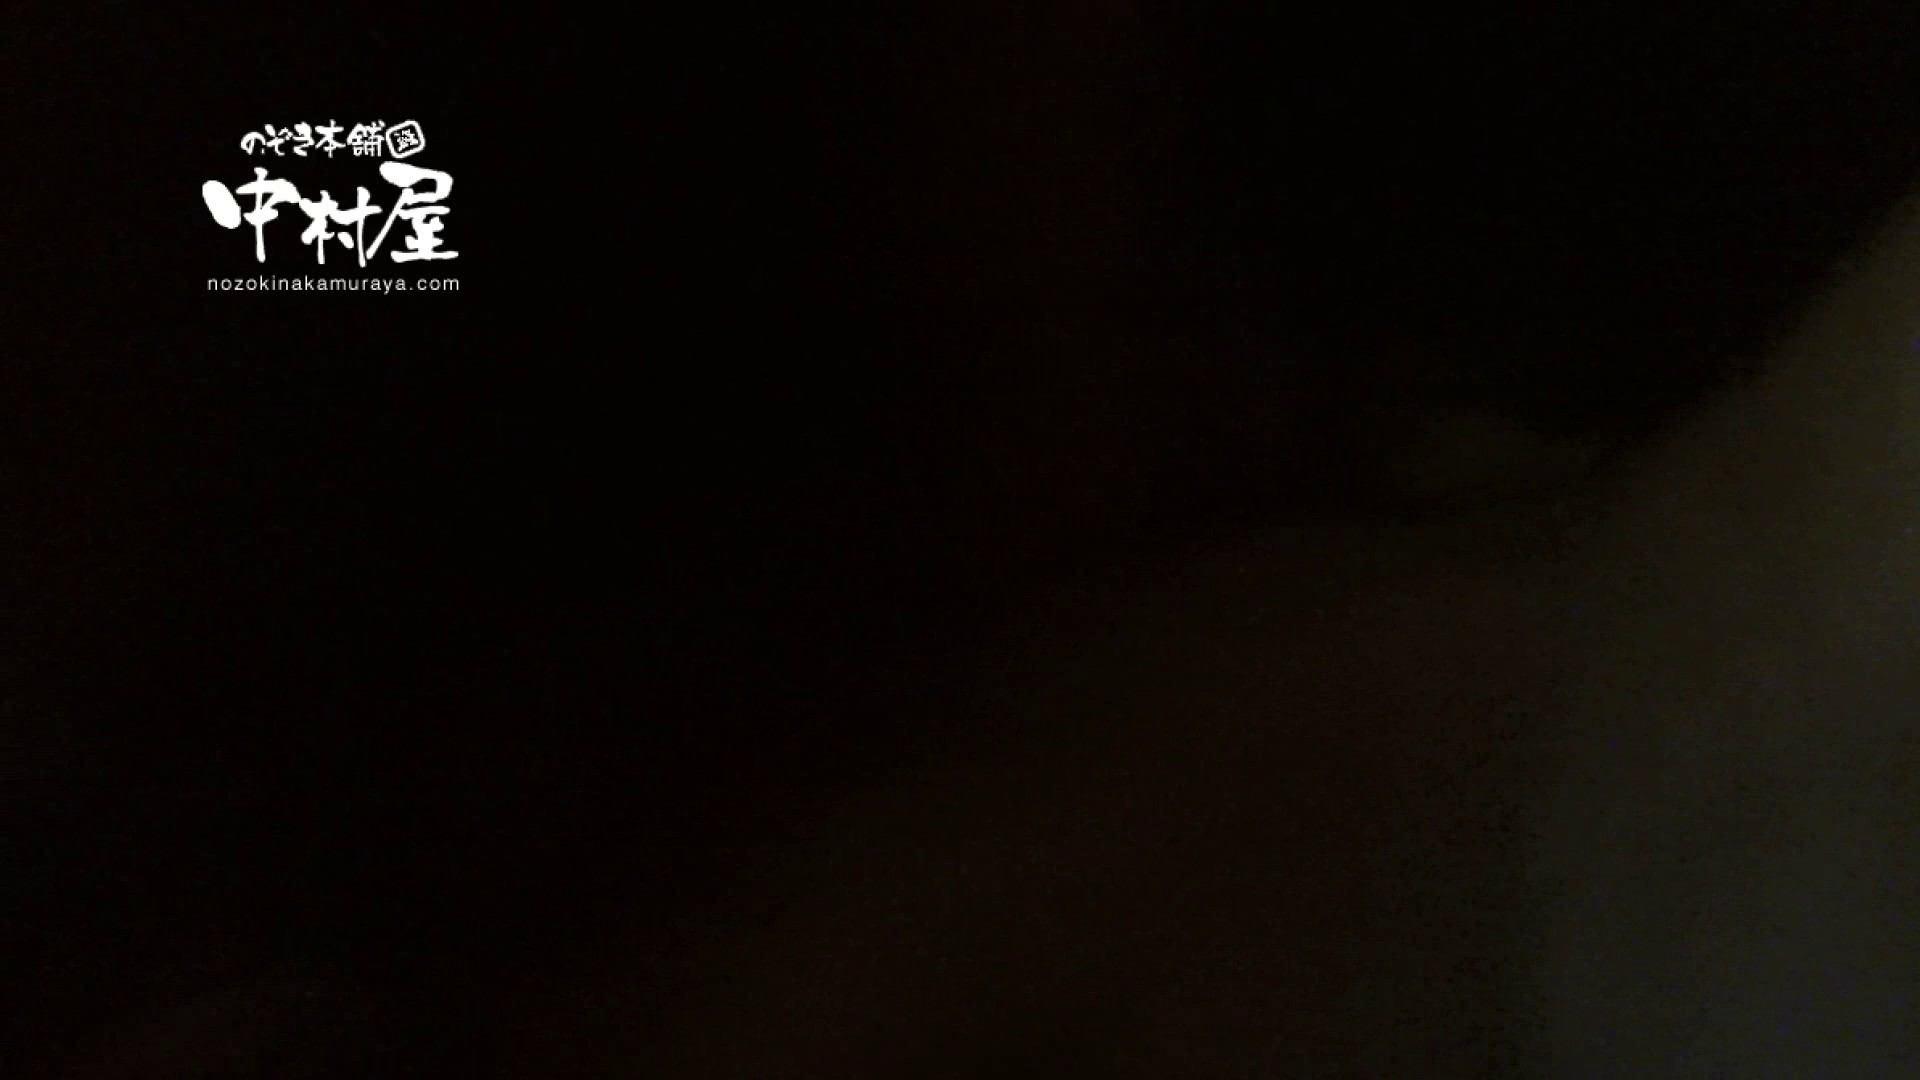 鬼畜 vol.08 極悪!妊娠覚悟の中出し! 後編 中出し 隠し撮りオマンコ動画紹介 94pic 38